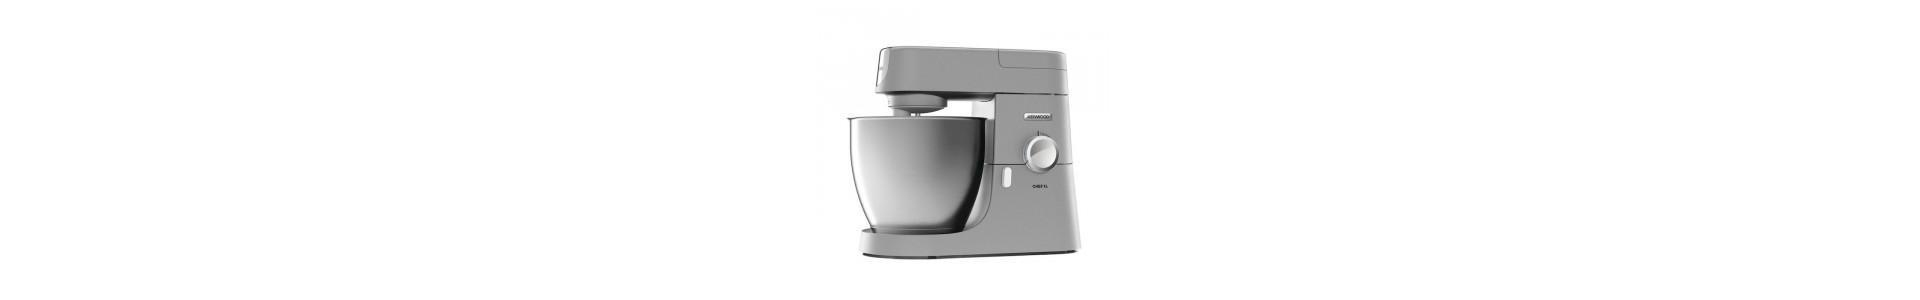 Accessoires et pièces détachées pour le Robot Chef XL KVL4115S